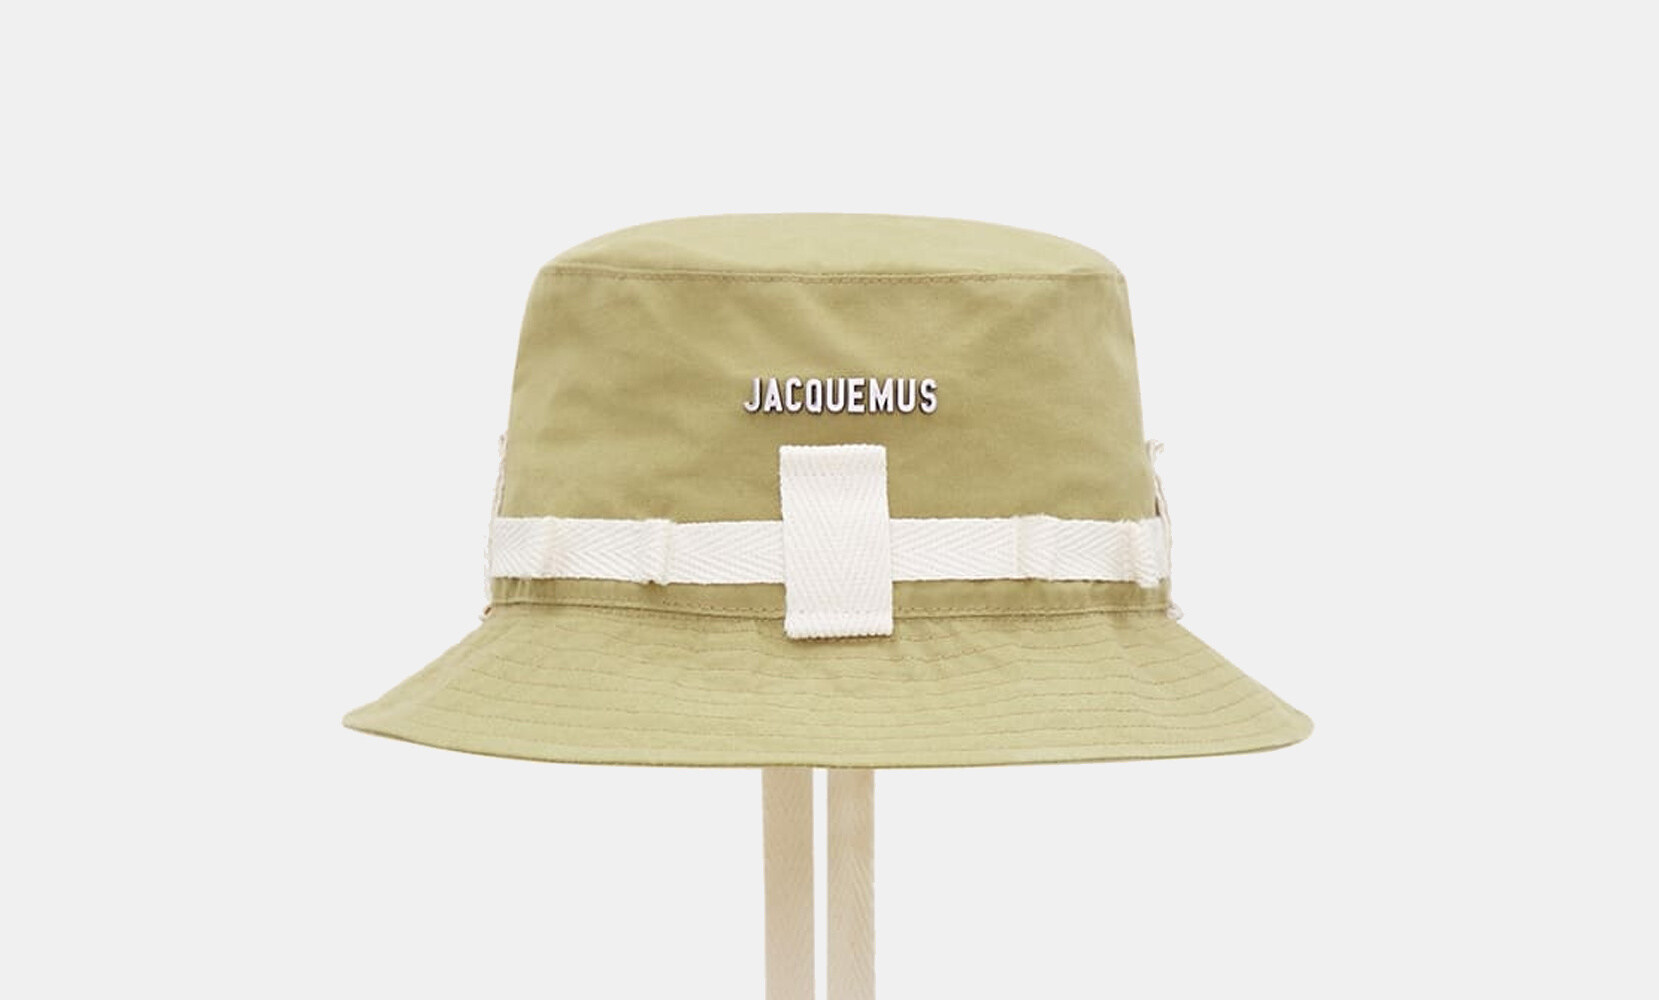 Jacquesmus L'amour bi-color bucket hat